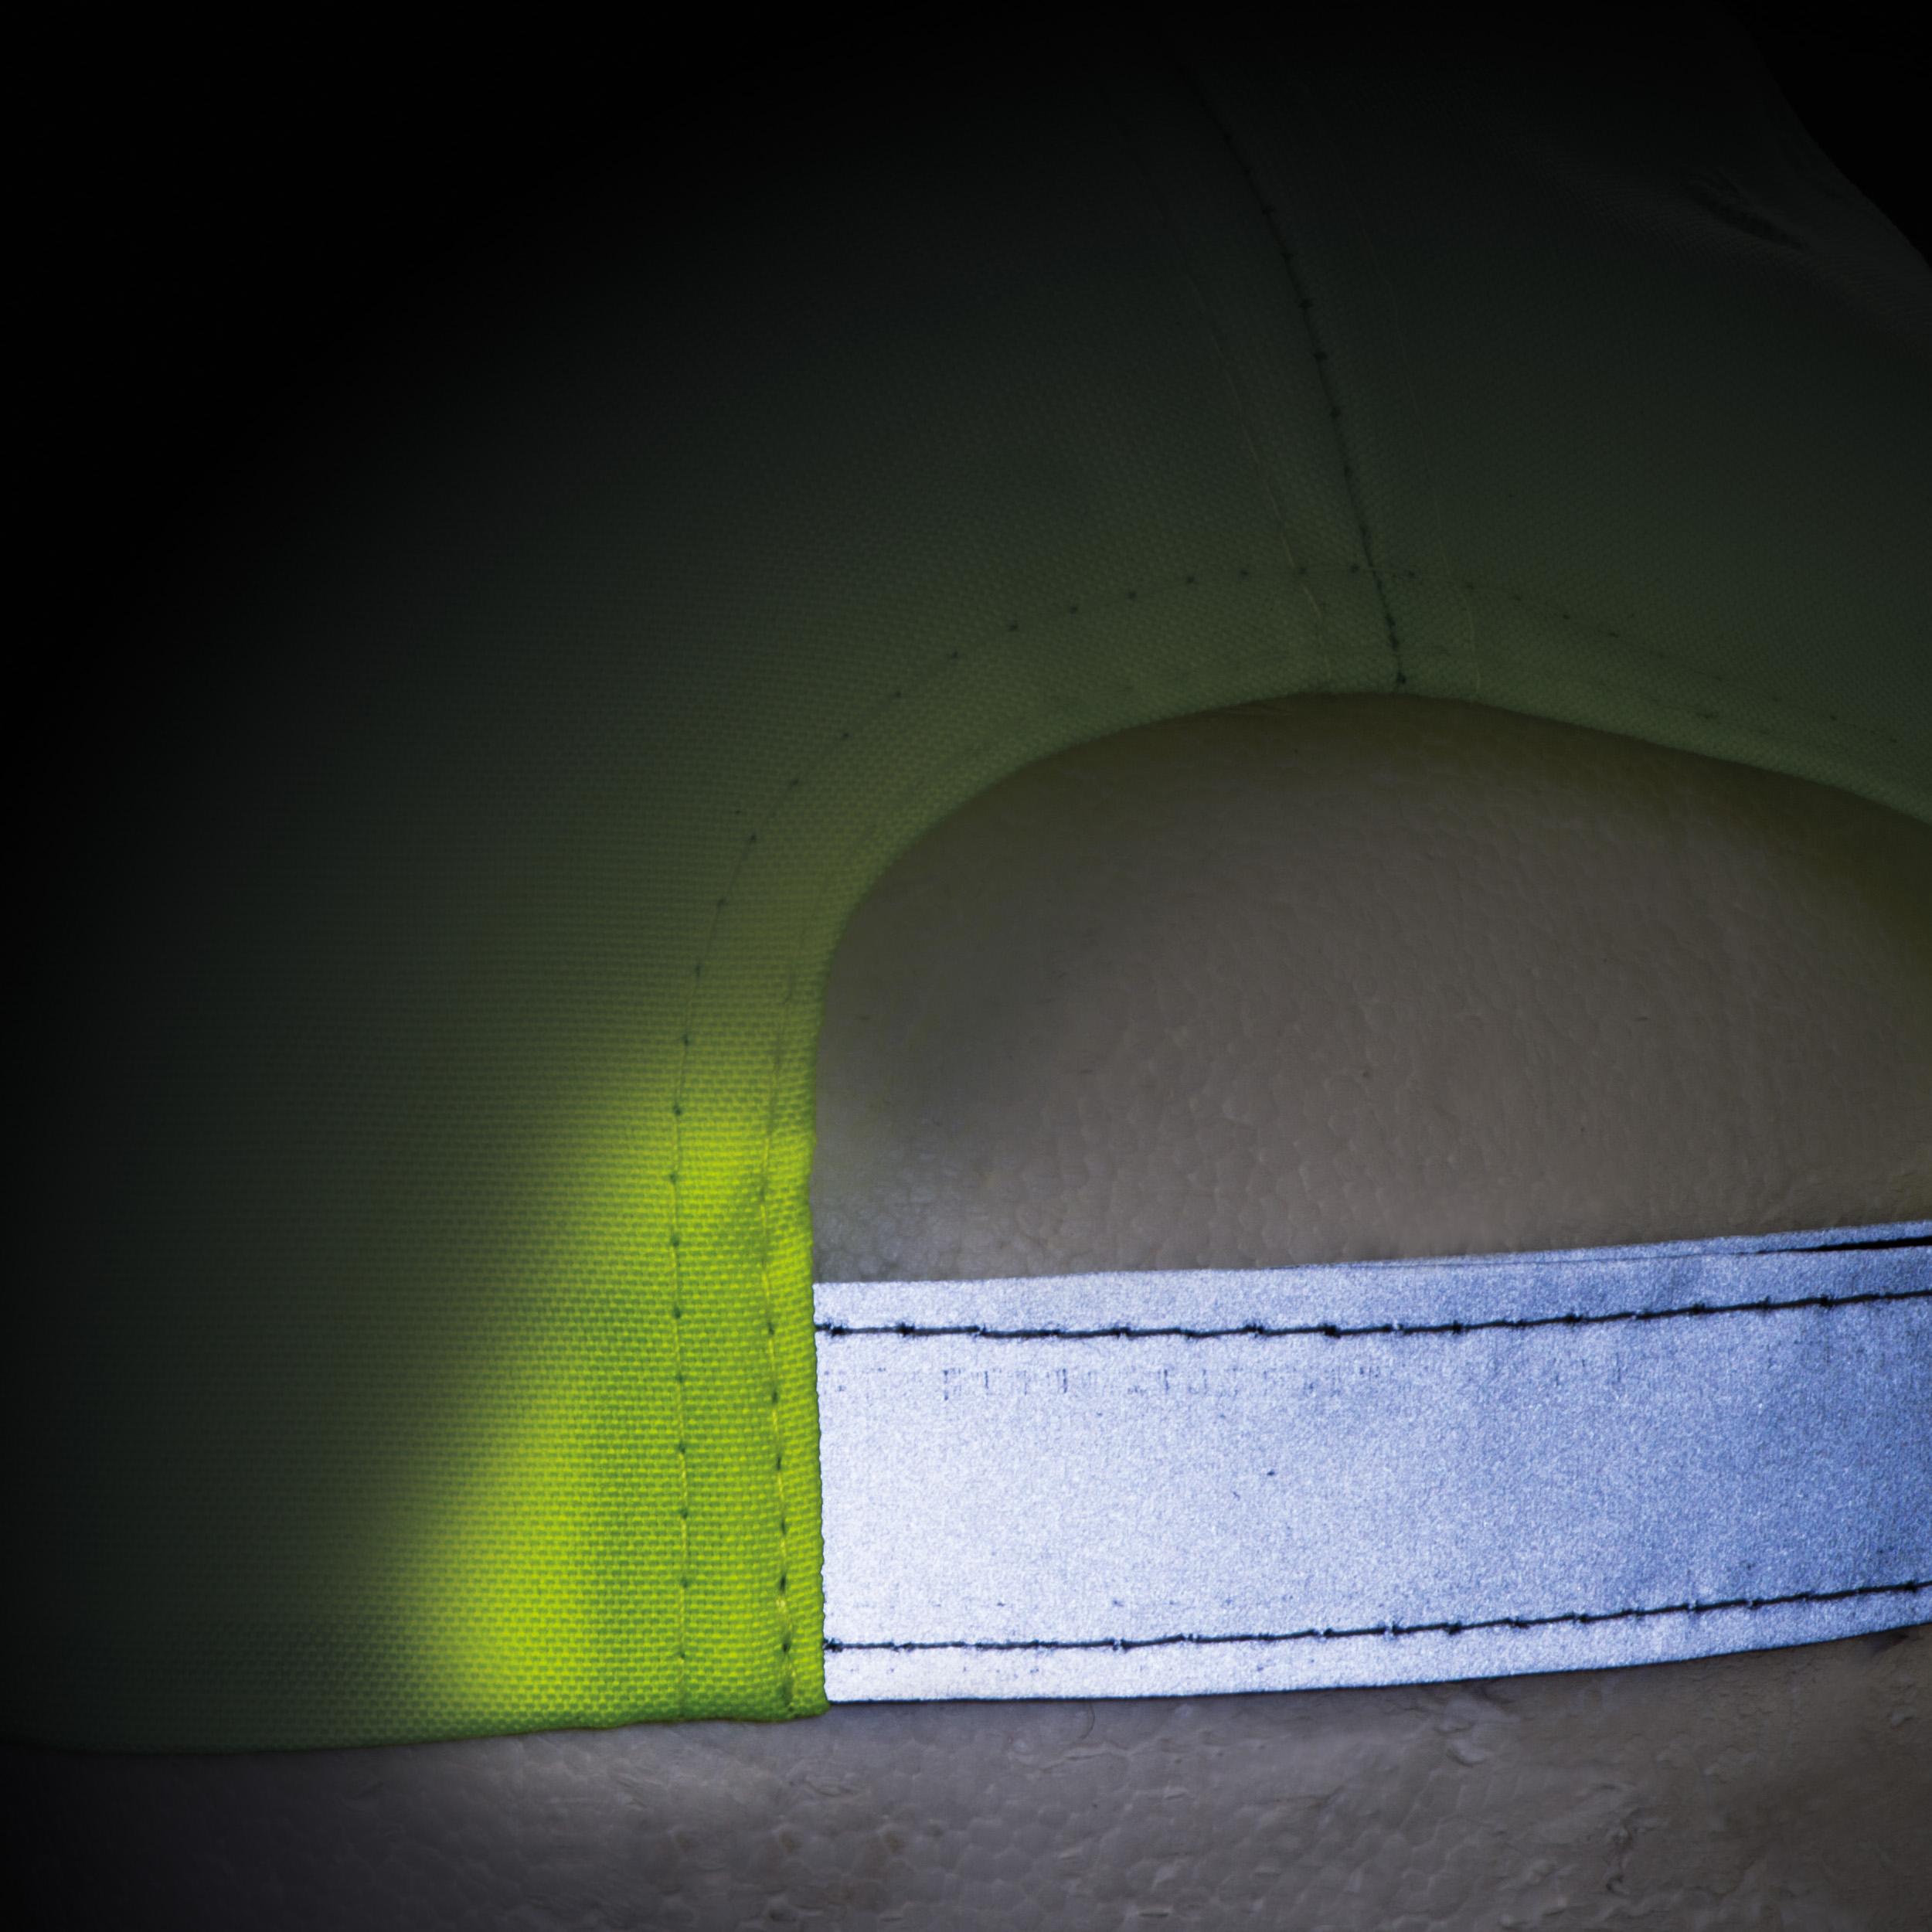 AZO-freie 6 Panel Baseballcap für Kinder aus Polyester mit reflektierender Borte